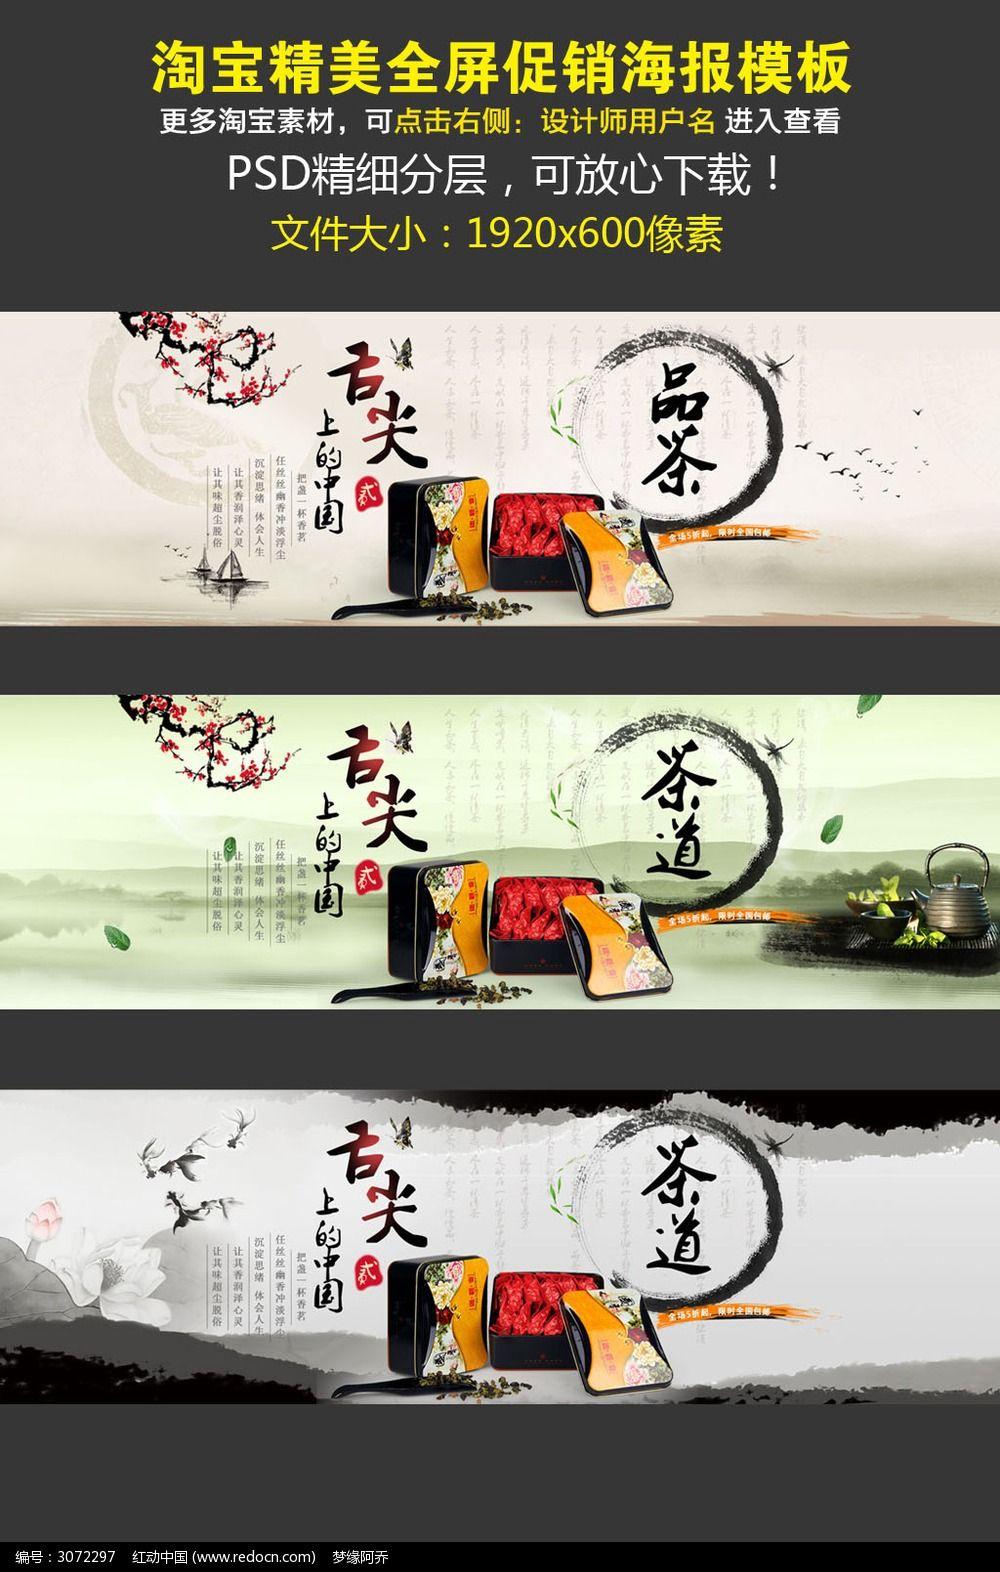 1920全屏 茶壶 春天 春季 夏天 夏季 秋冬 中国风 复古 舌尖上的中国